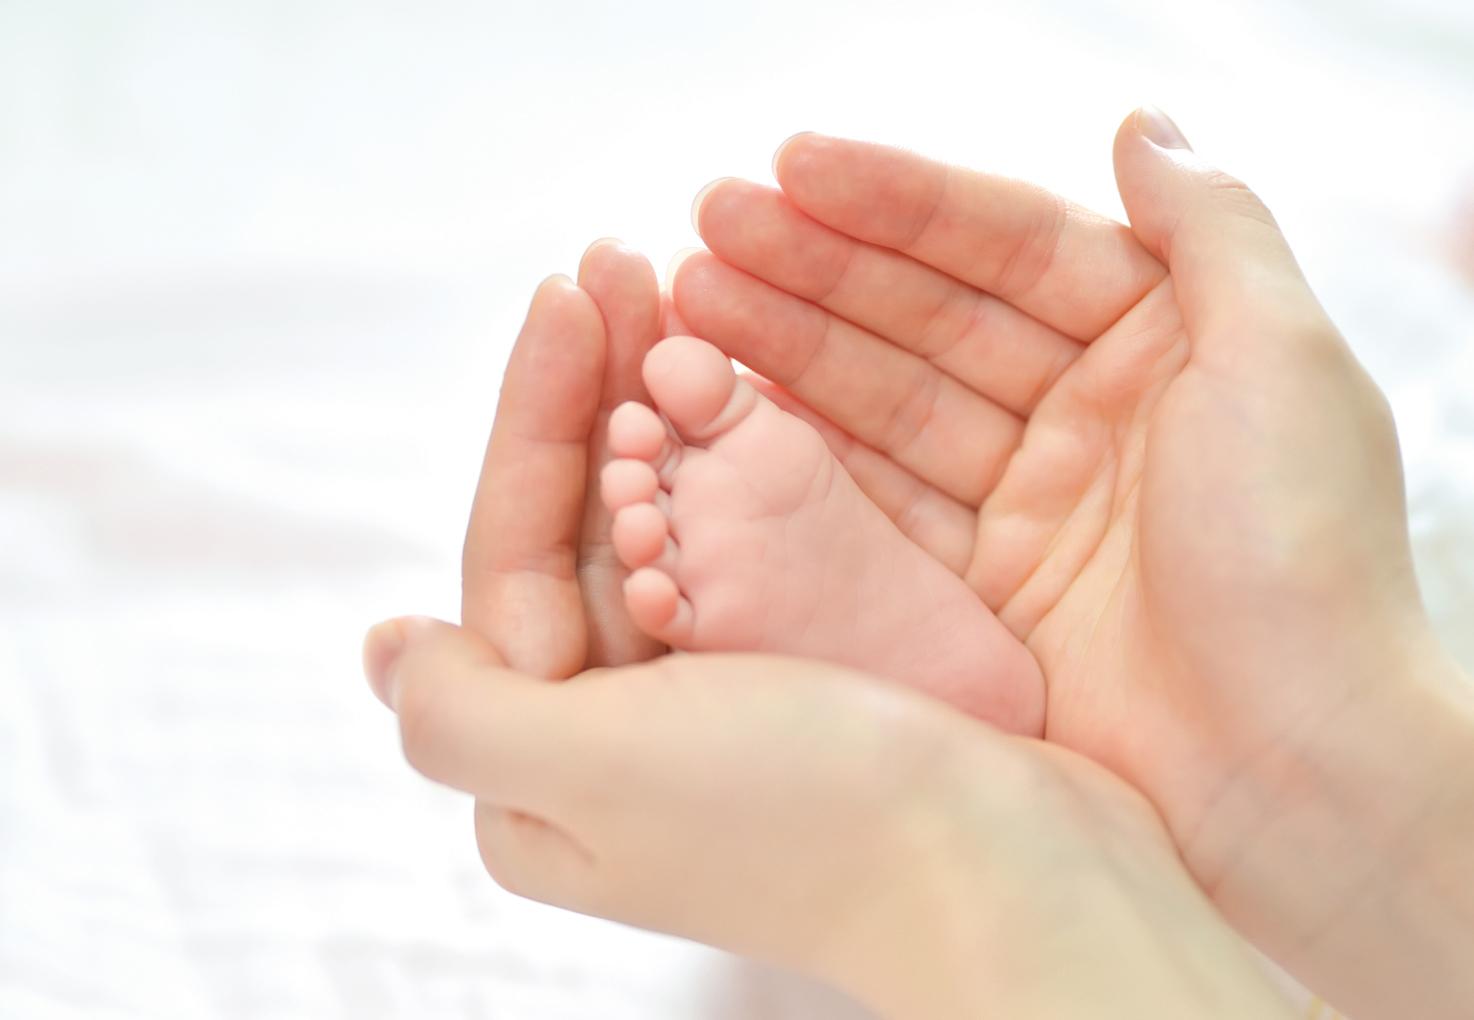 Idées de cadeaux de naissance pour fille : nos coups de cœur